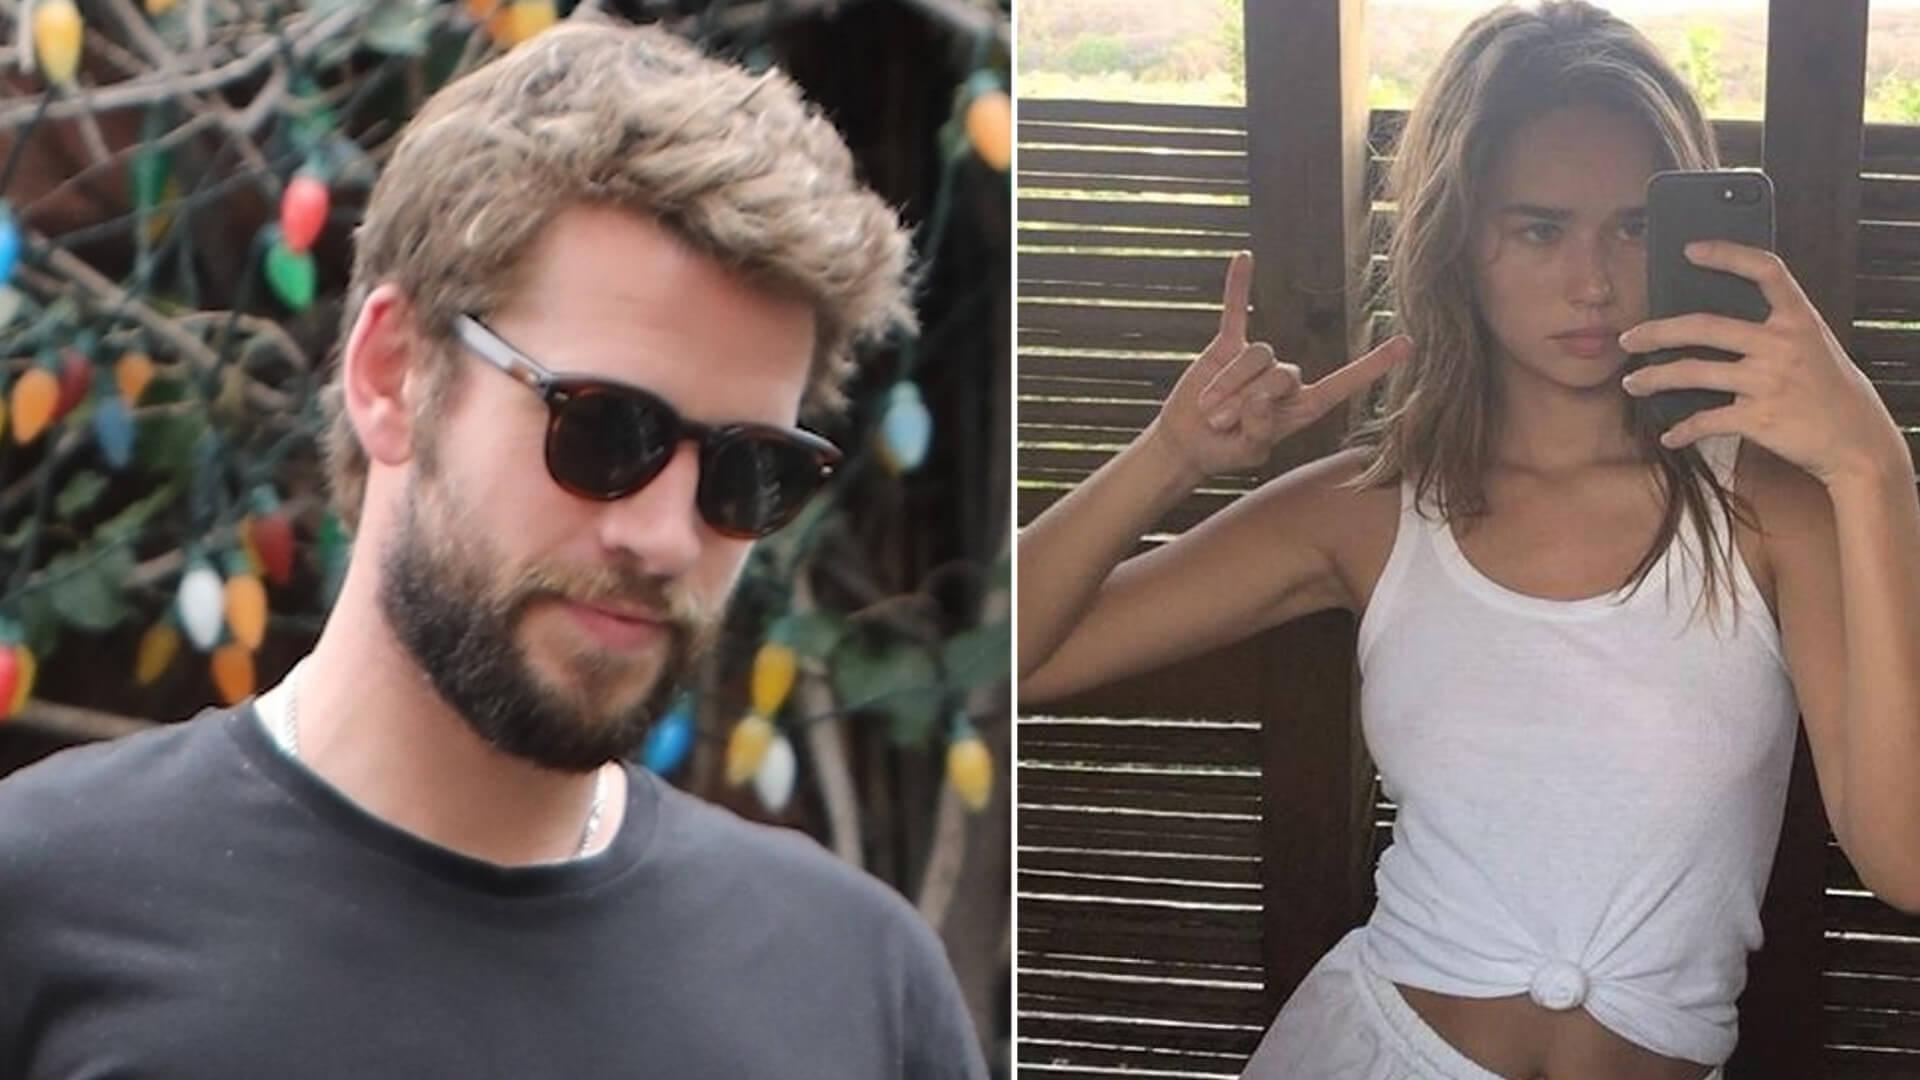 Nowy związek Liama Hemswortha wszedł na kolejny poziom. Para planuje wspólną przyszłość